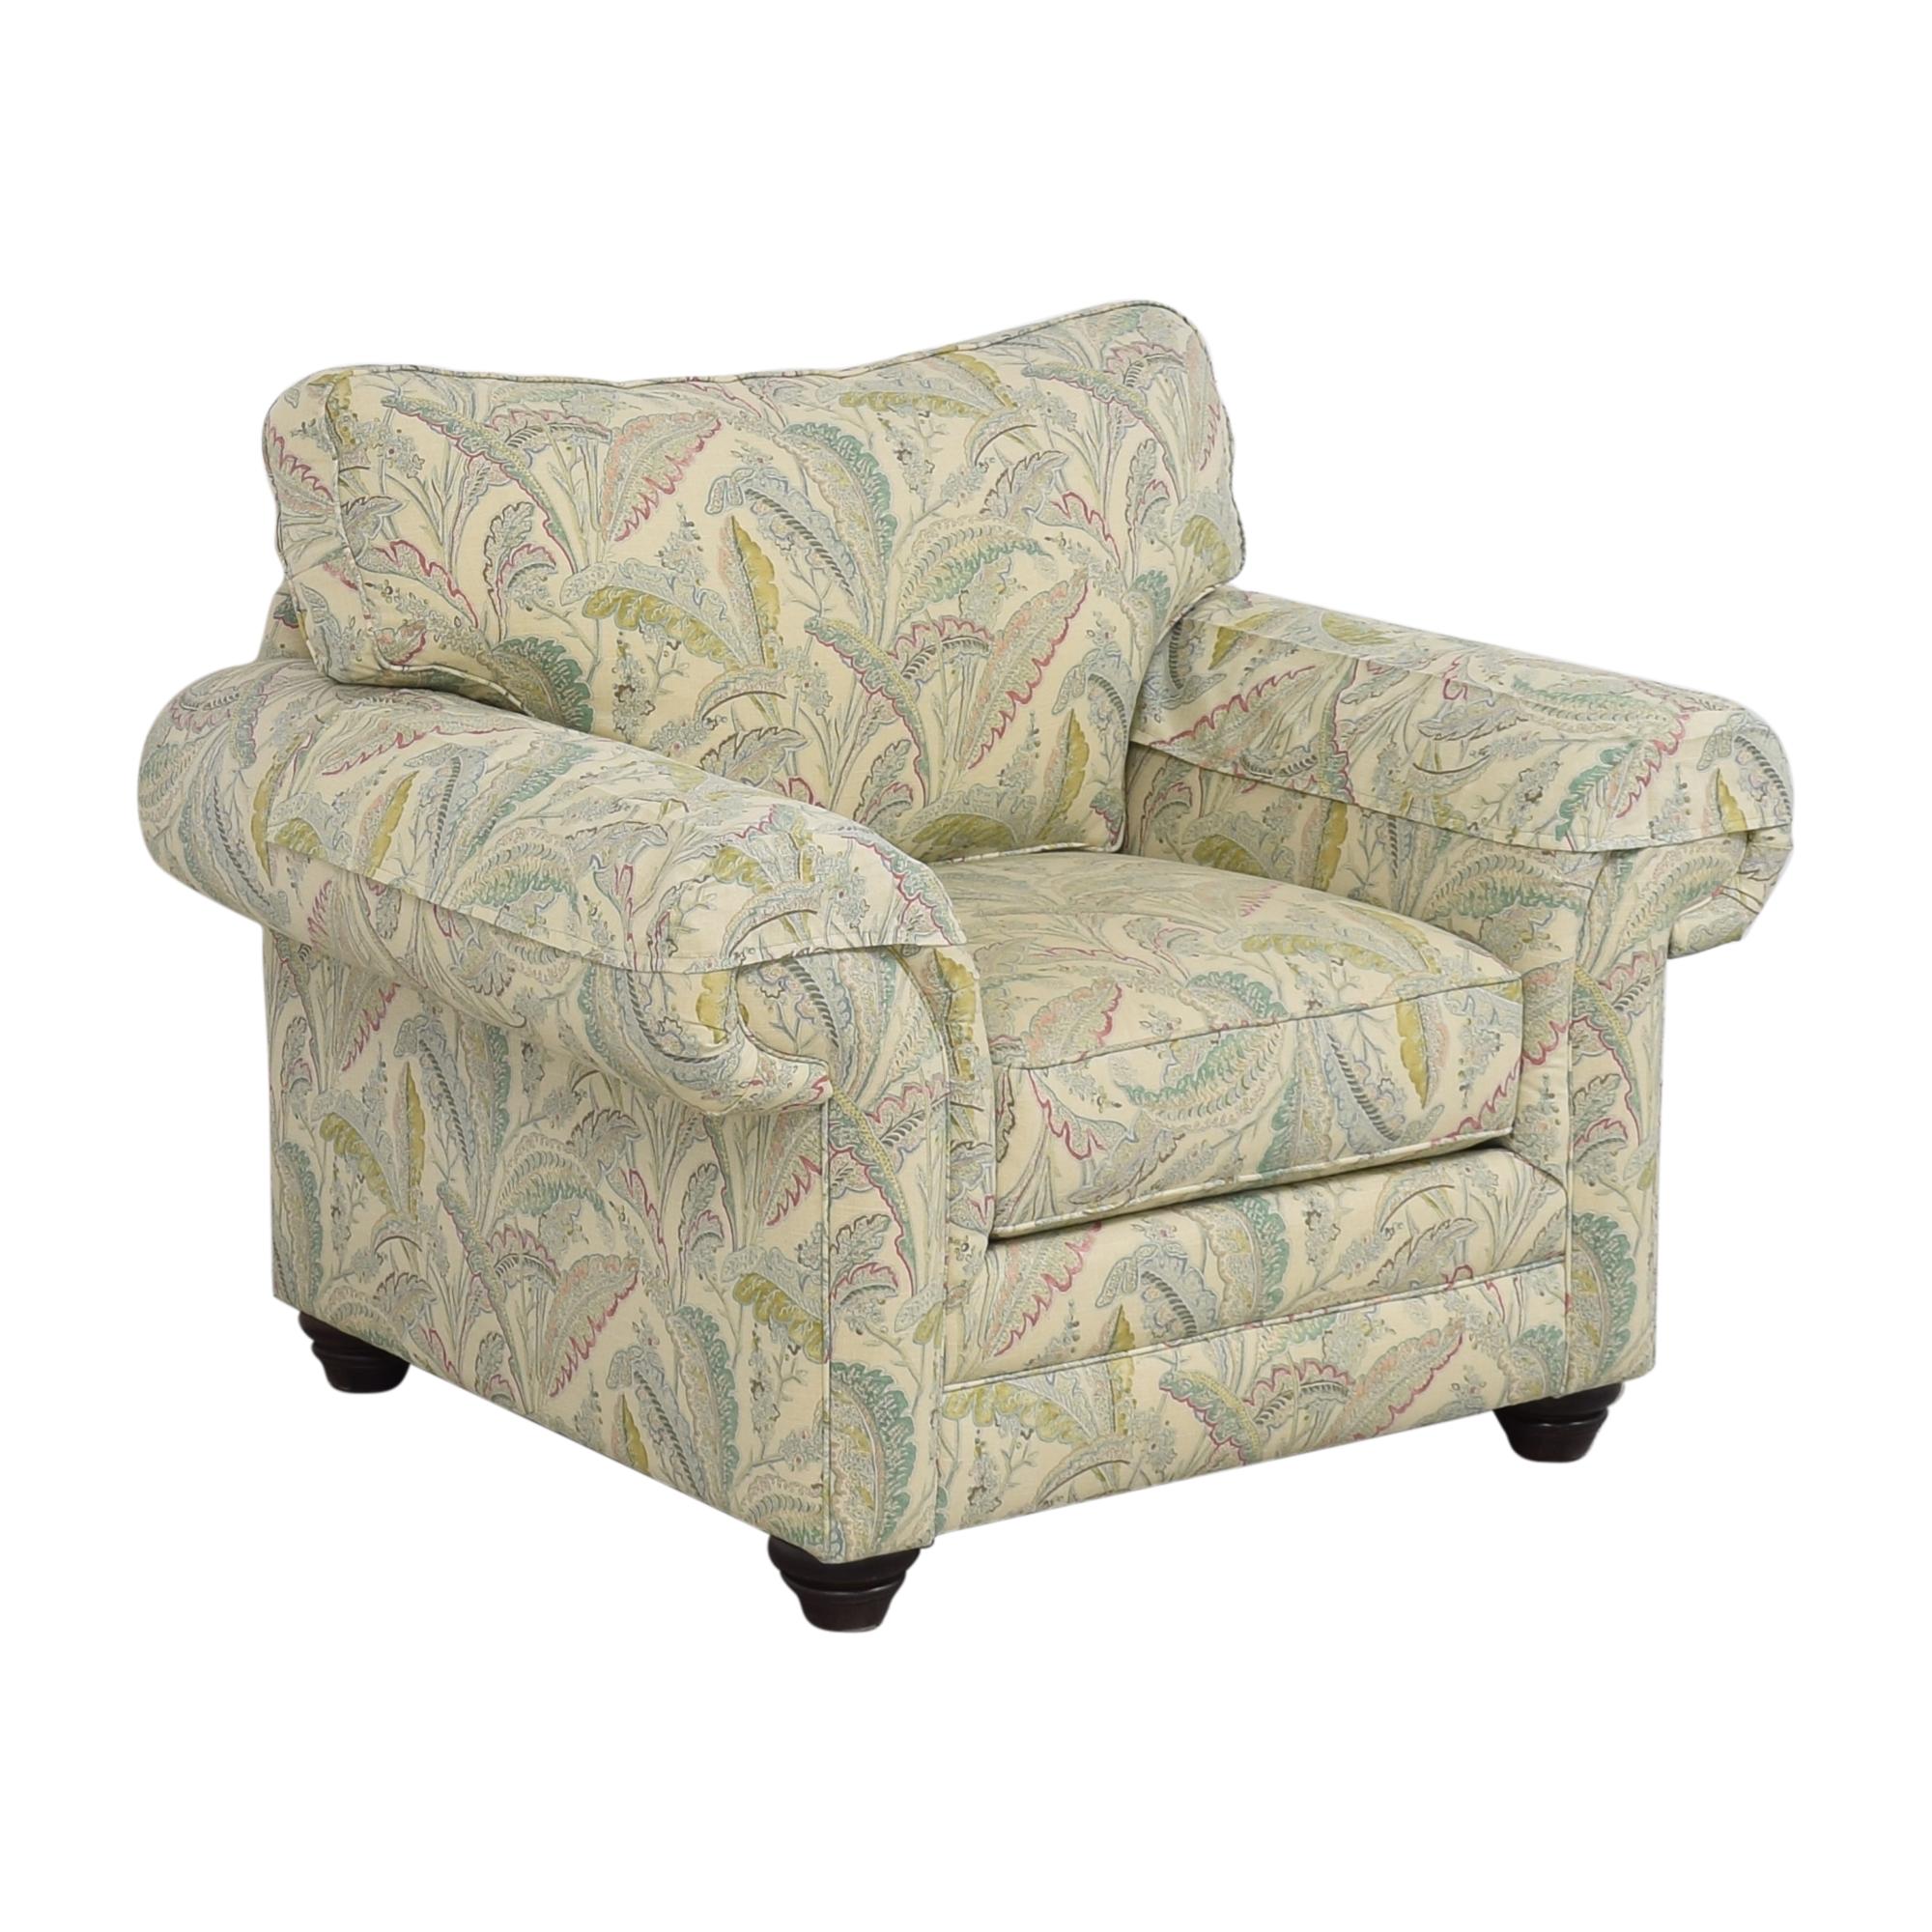 Bassett Furniture Bassett Furniture Custom Upholstered Arm Chair nyc